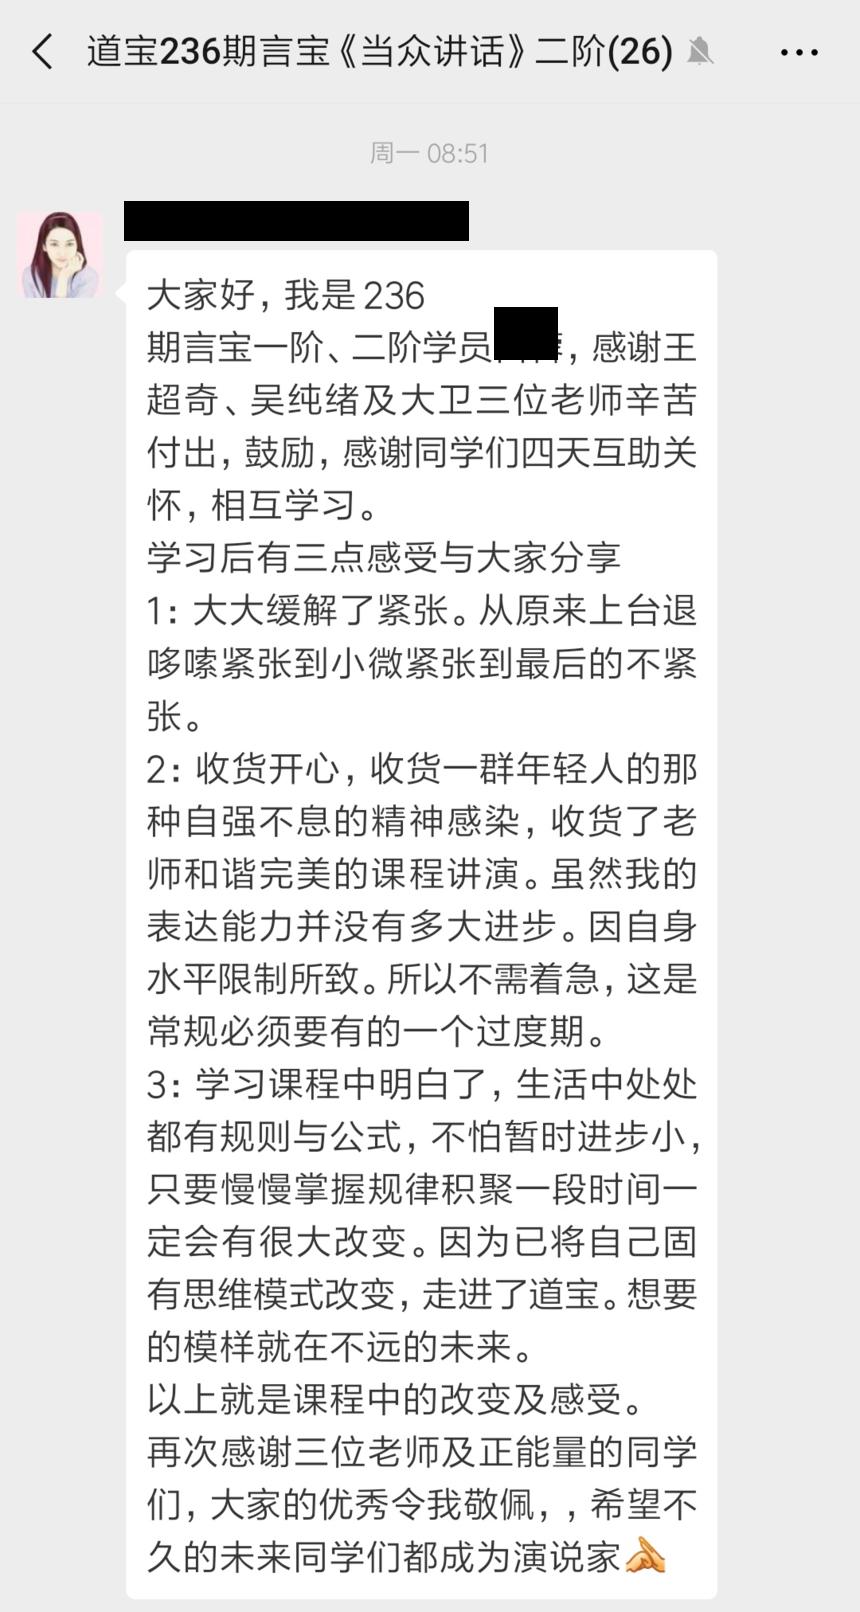 Screenshot_2019-05-22-14-47-04-827_com.tencent.mm.png